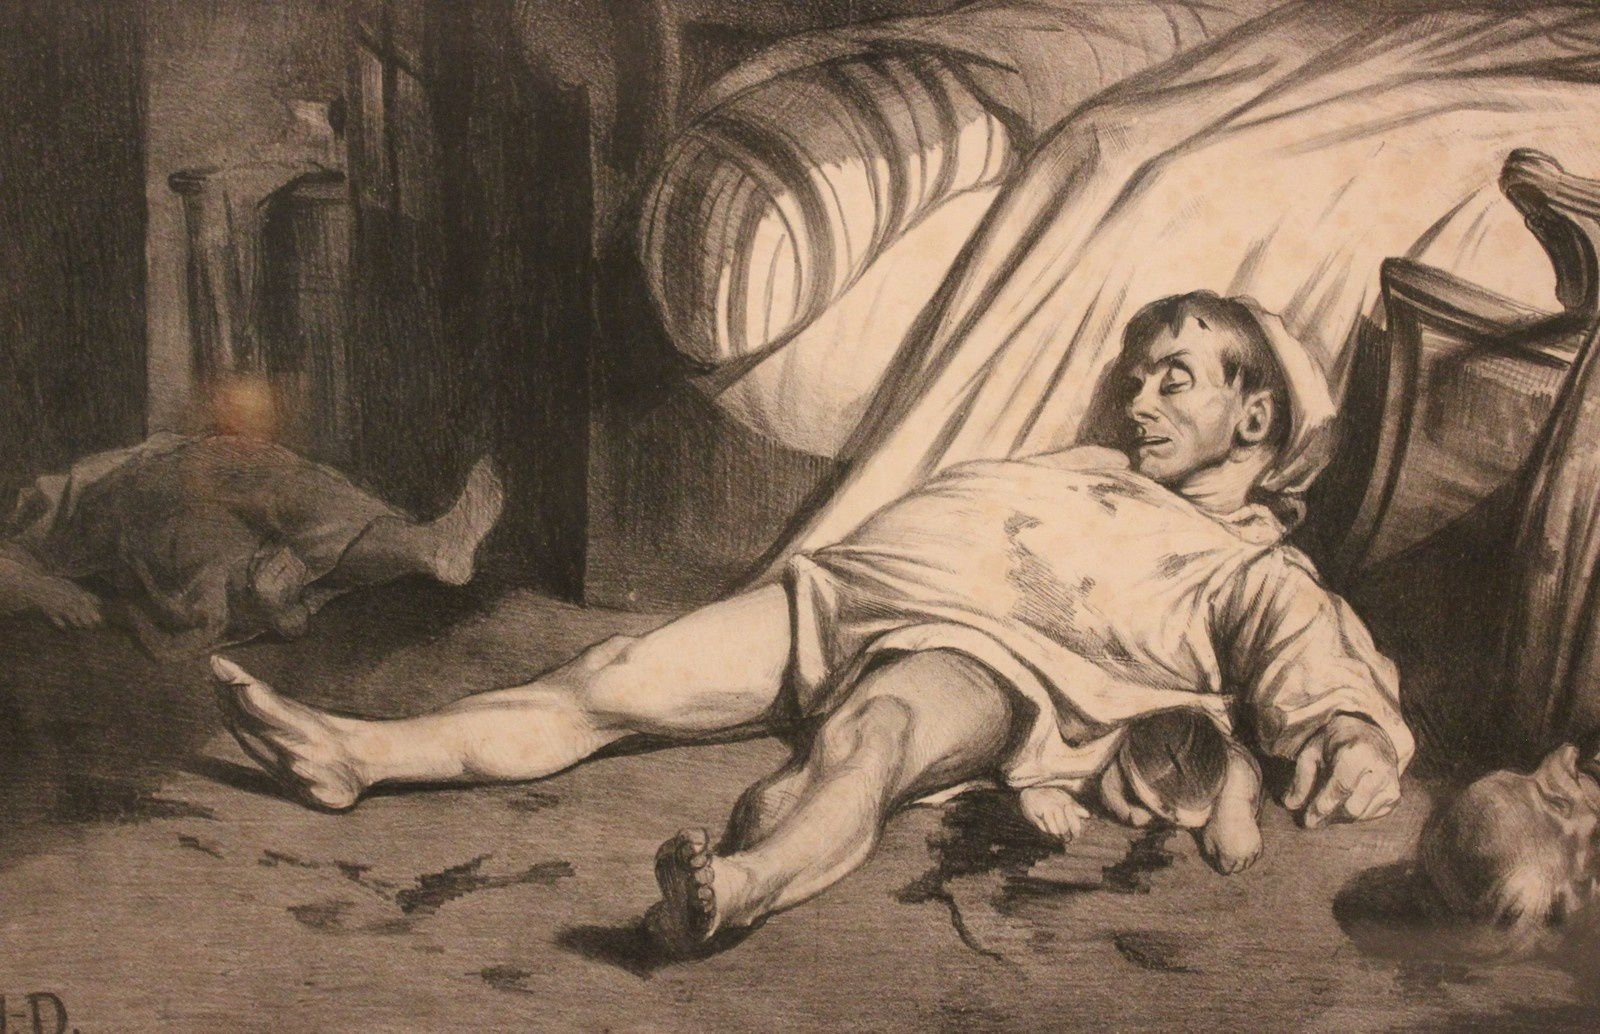 Saumier. 1808-1879. Rue Transnonain 15 avril 1834.